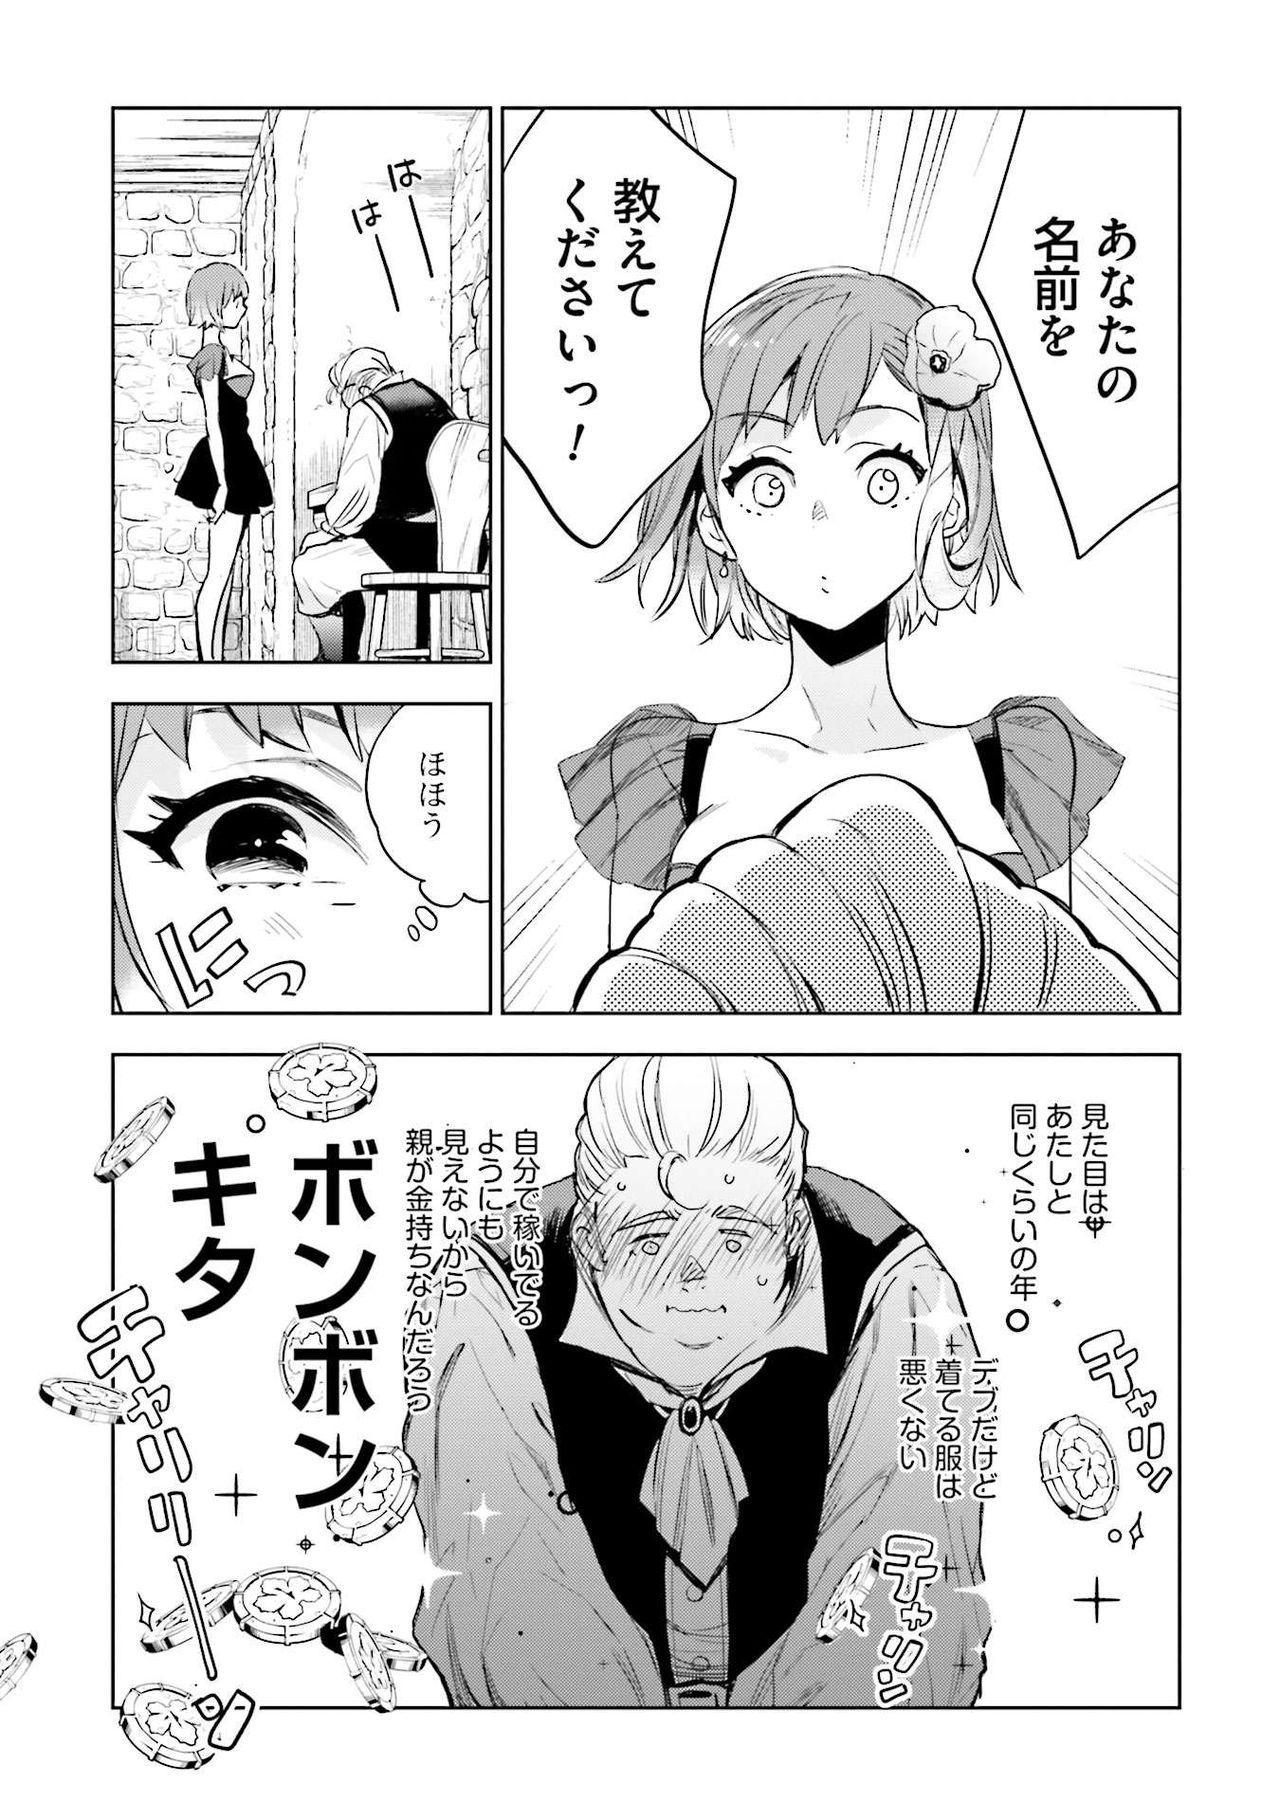 JK Haru wa Isekai de Shoufu ni Natta 1-14 62